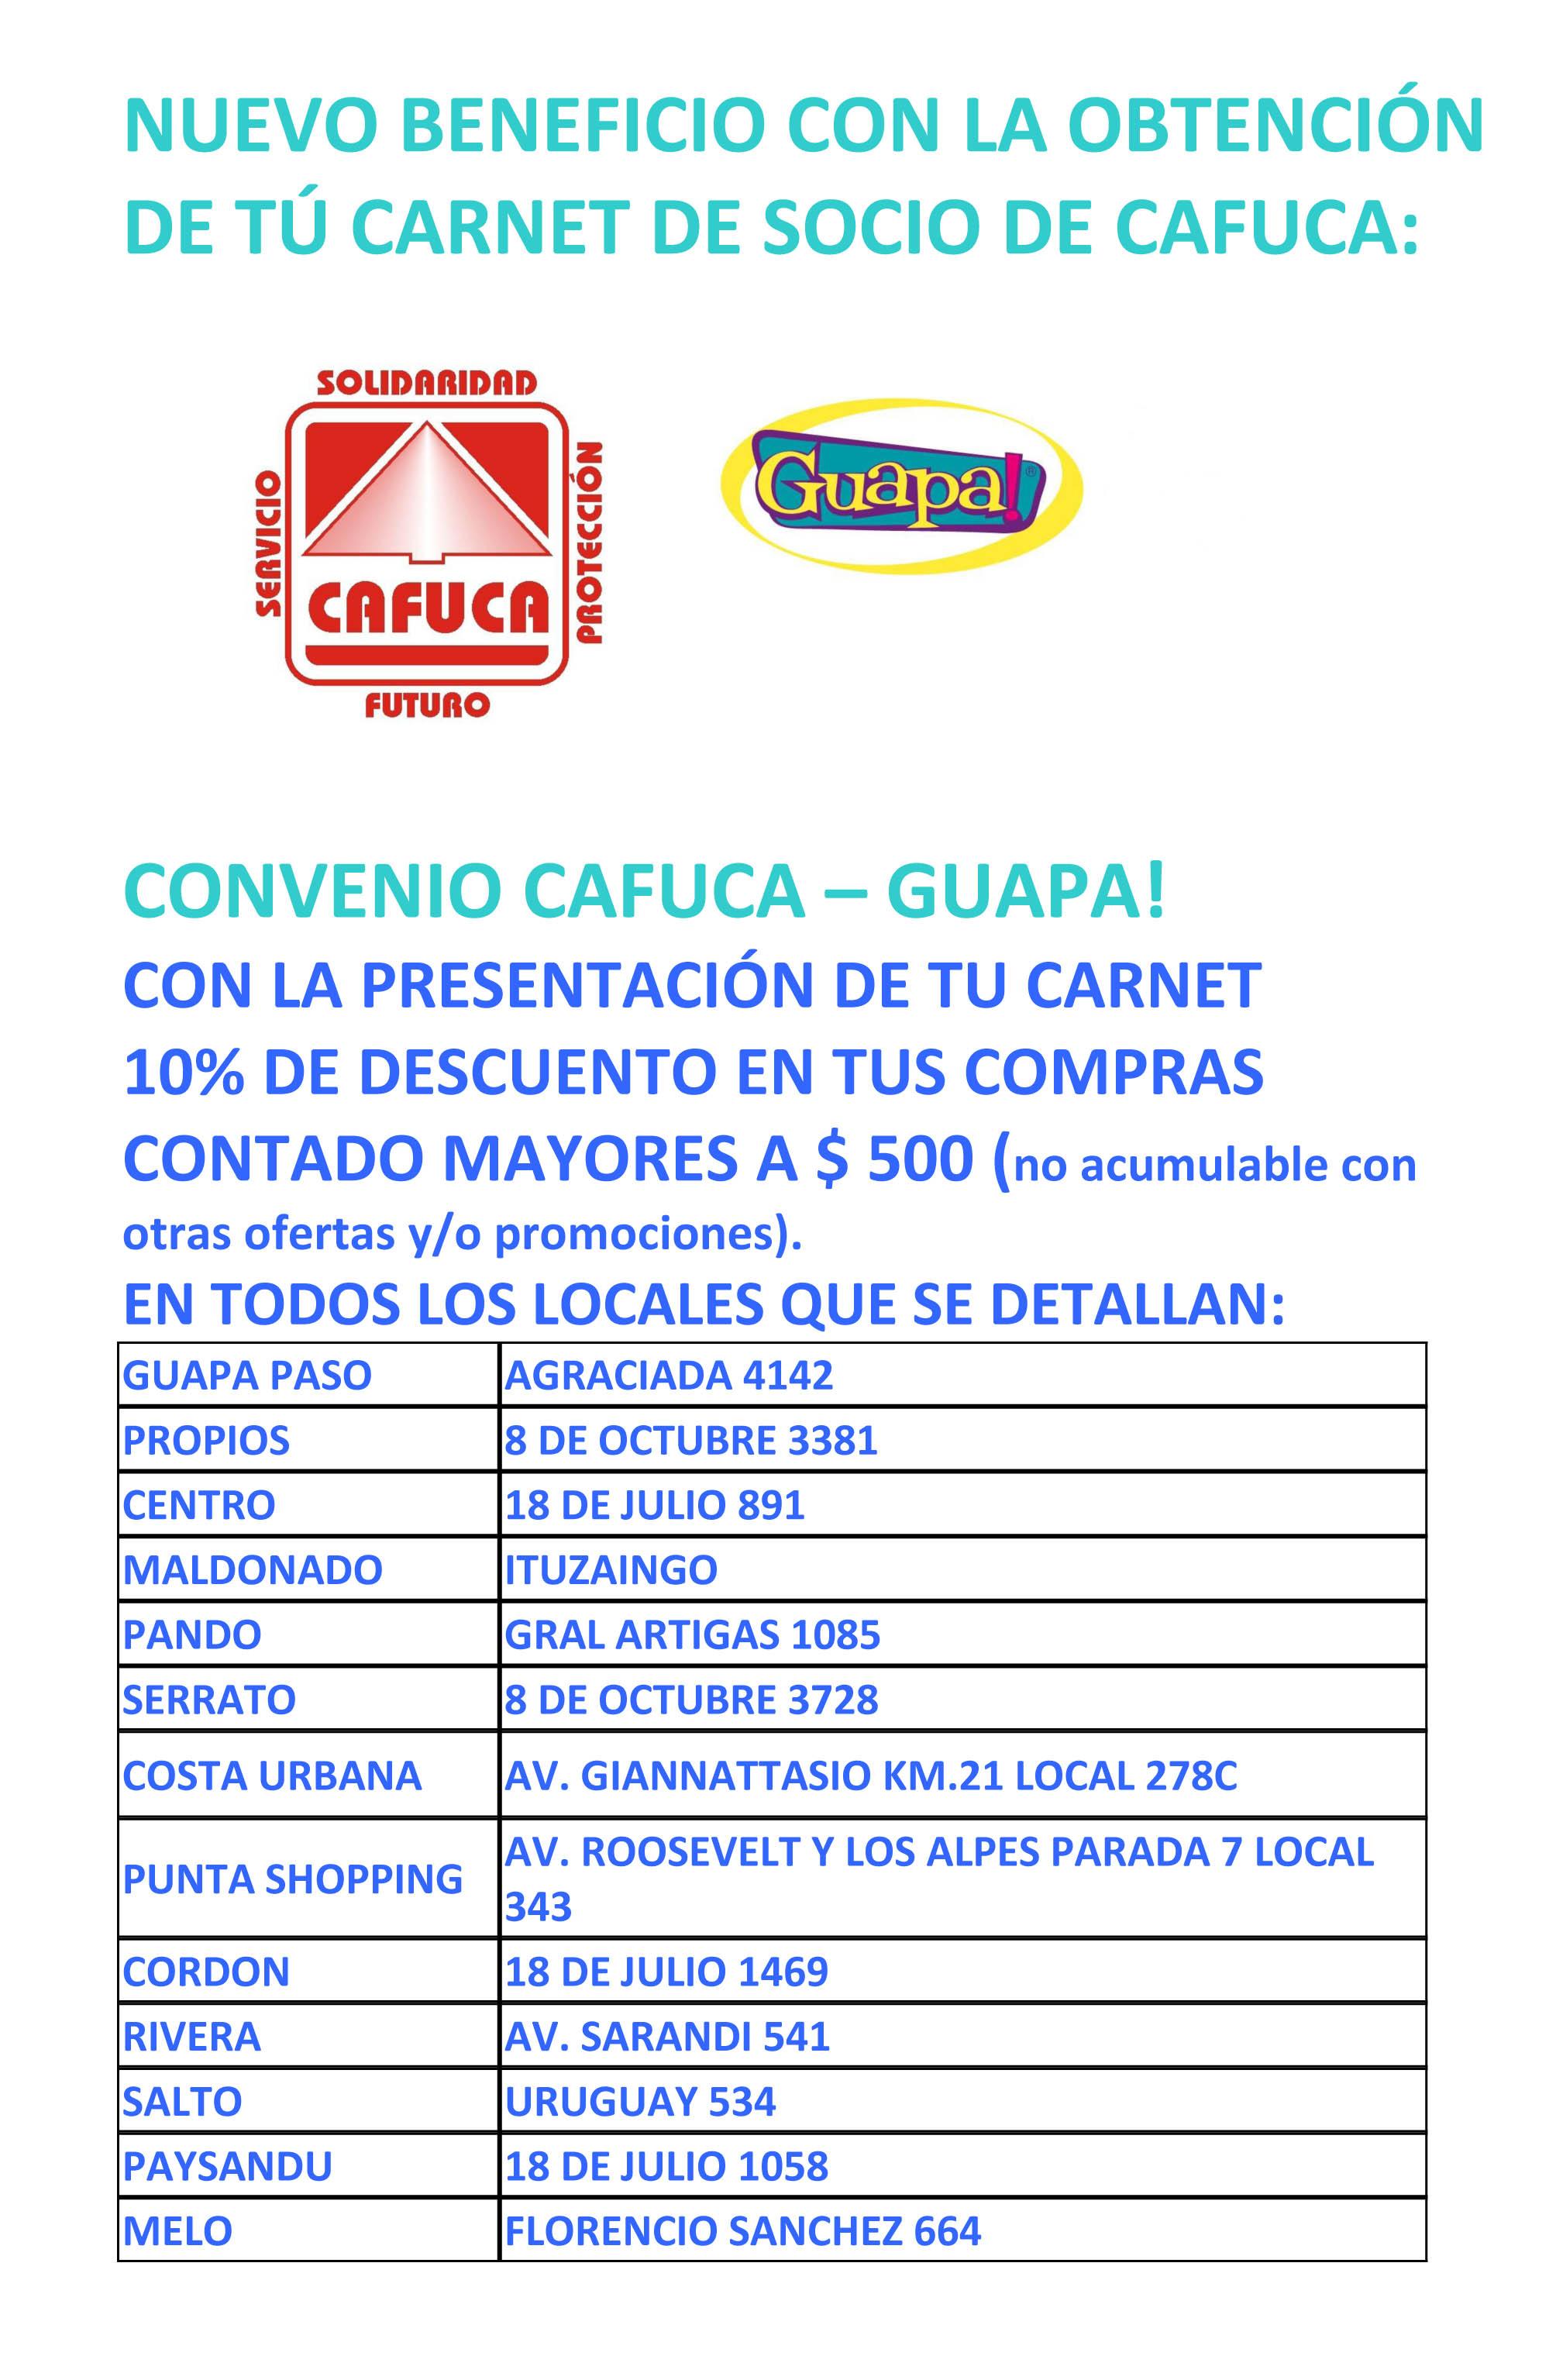 Convenio-Guapa